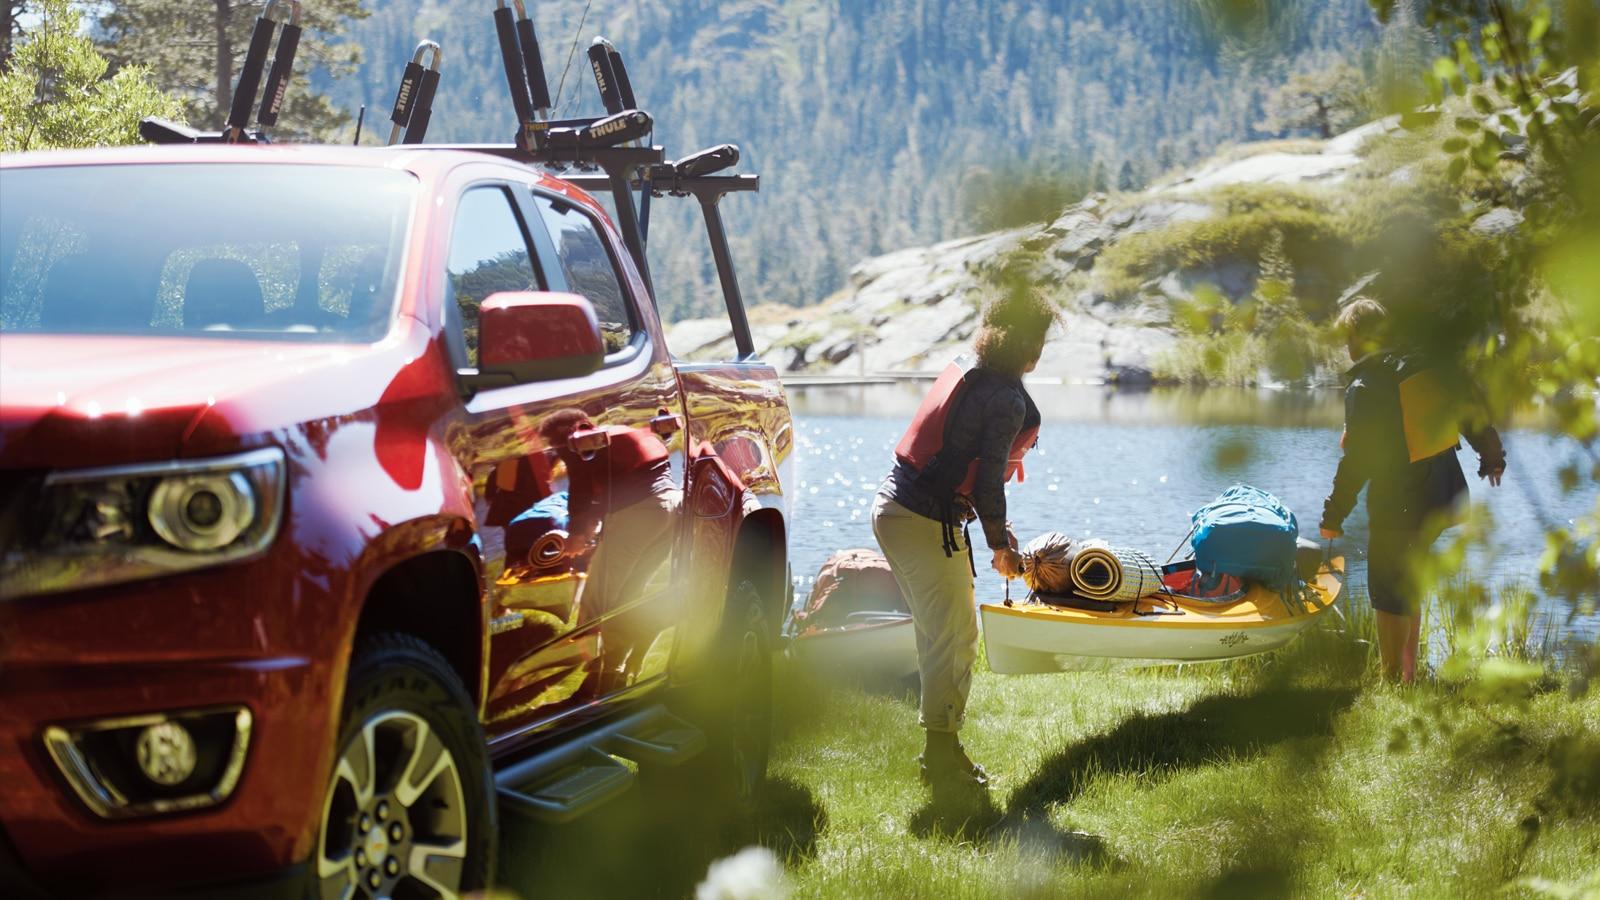 Dos aficionados al kayak descargan uno de la parte de atrás de una Chevy Colorado.